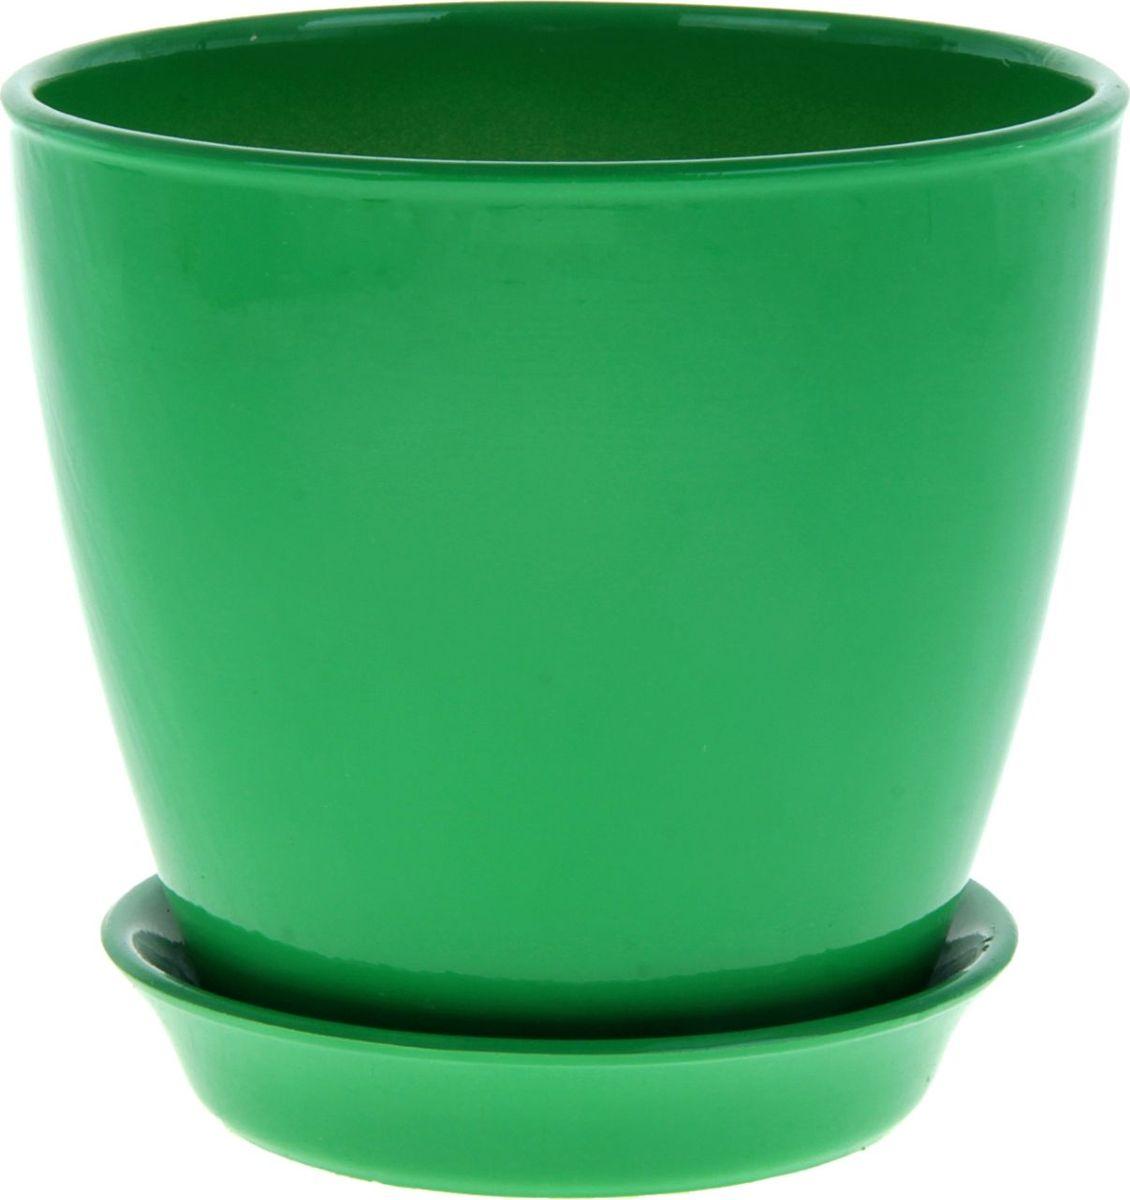 Кашпо Керамика ручной работы Виктория, цвет: зеленый, 2 л подставки для кашпо